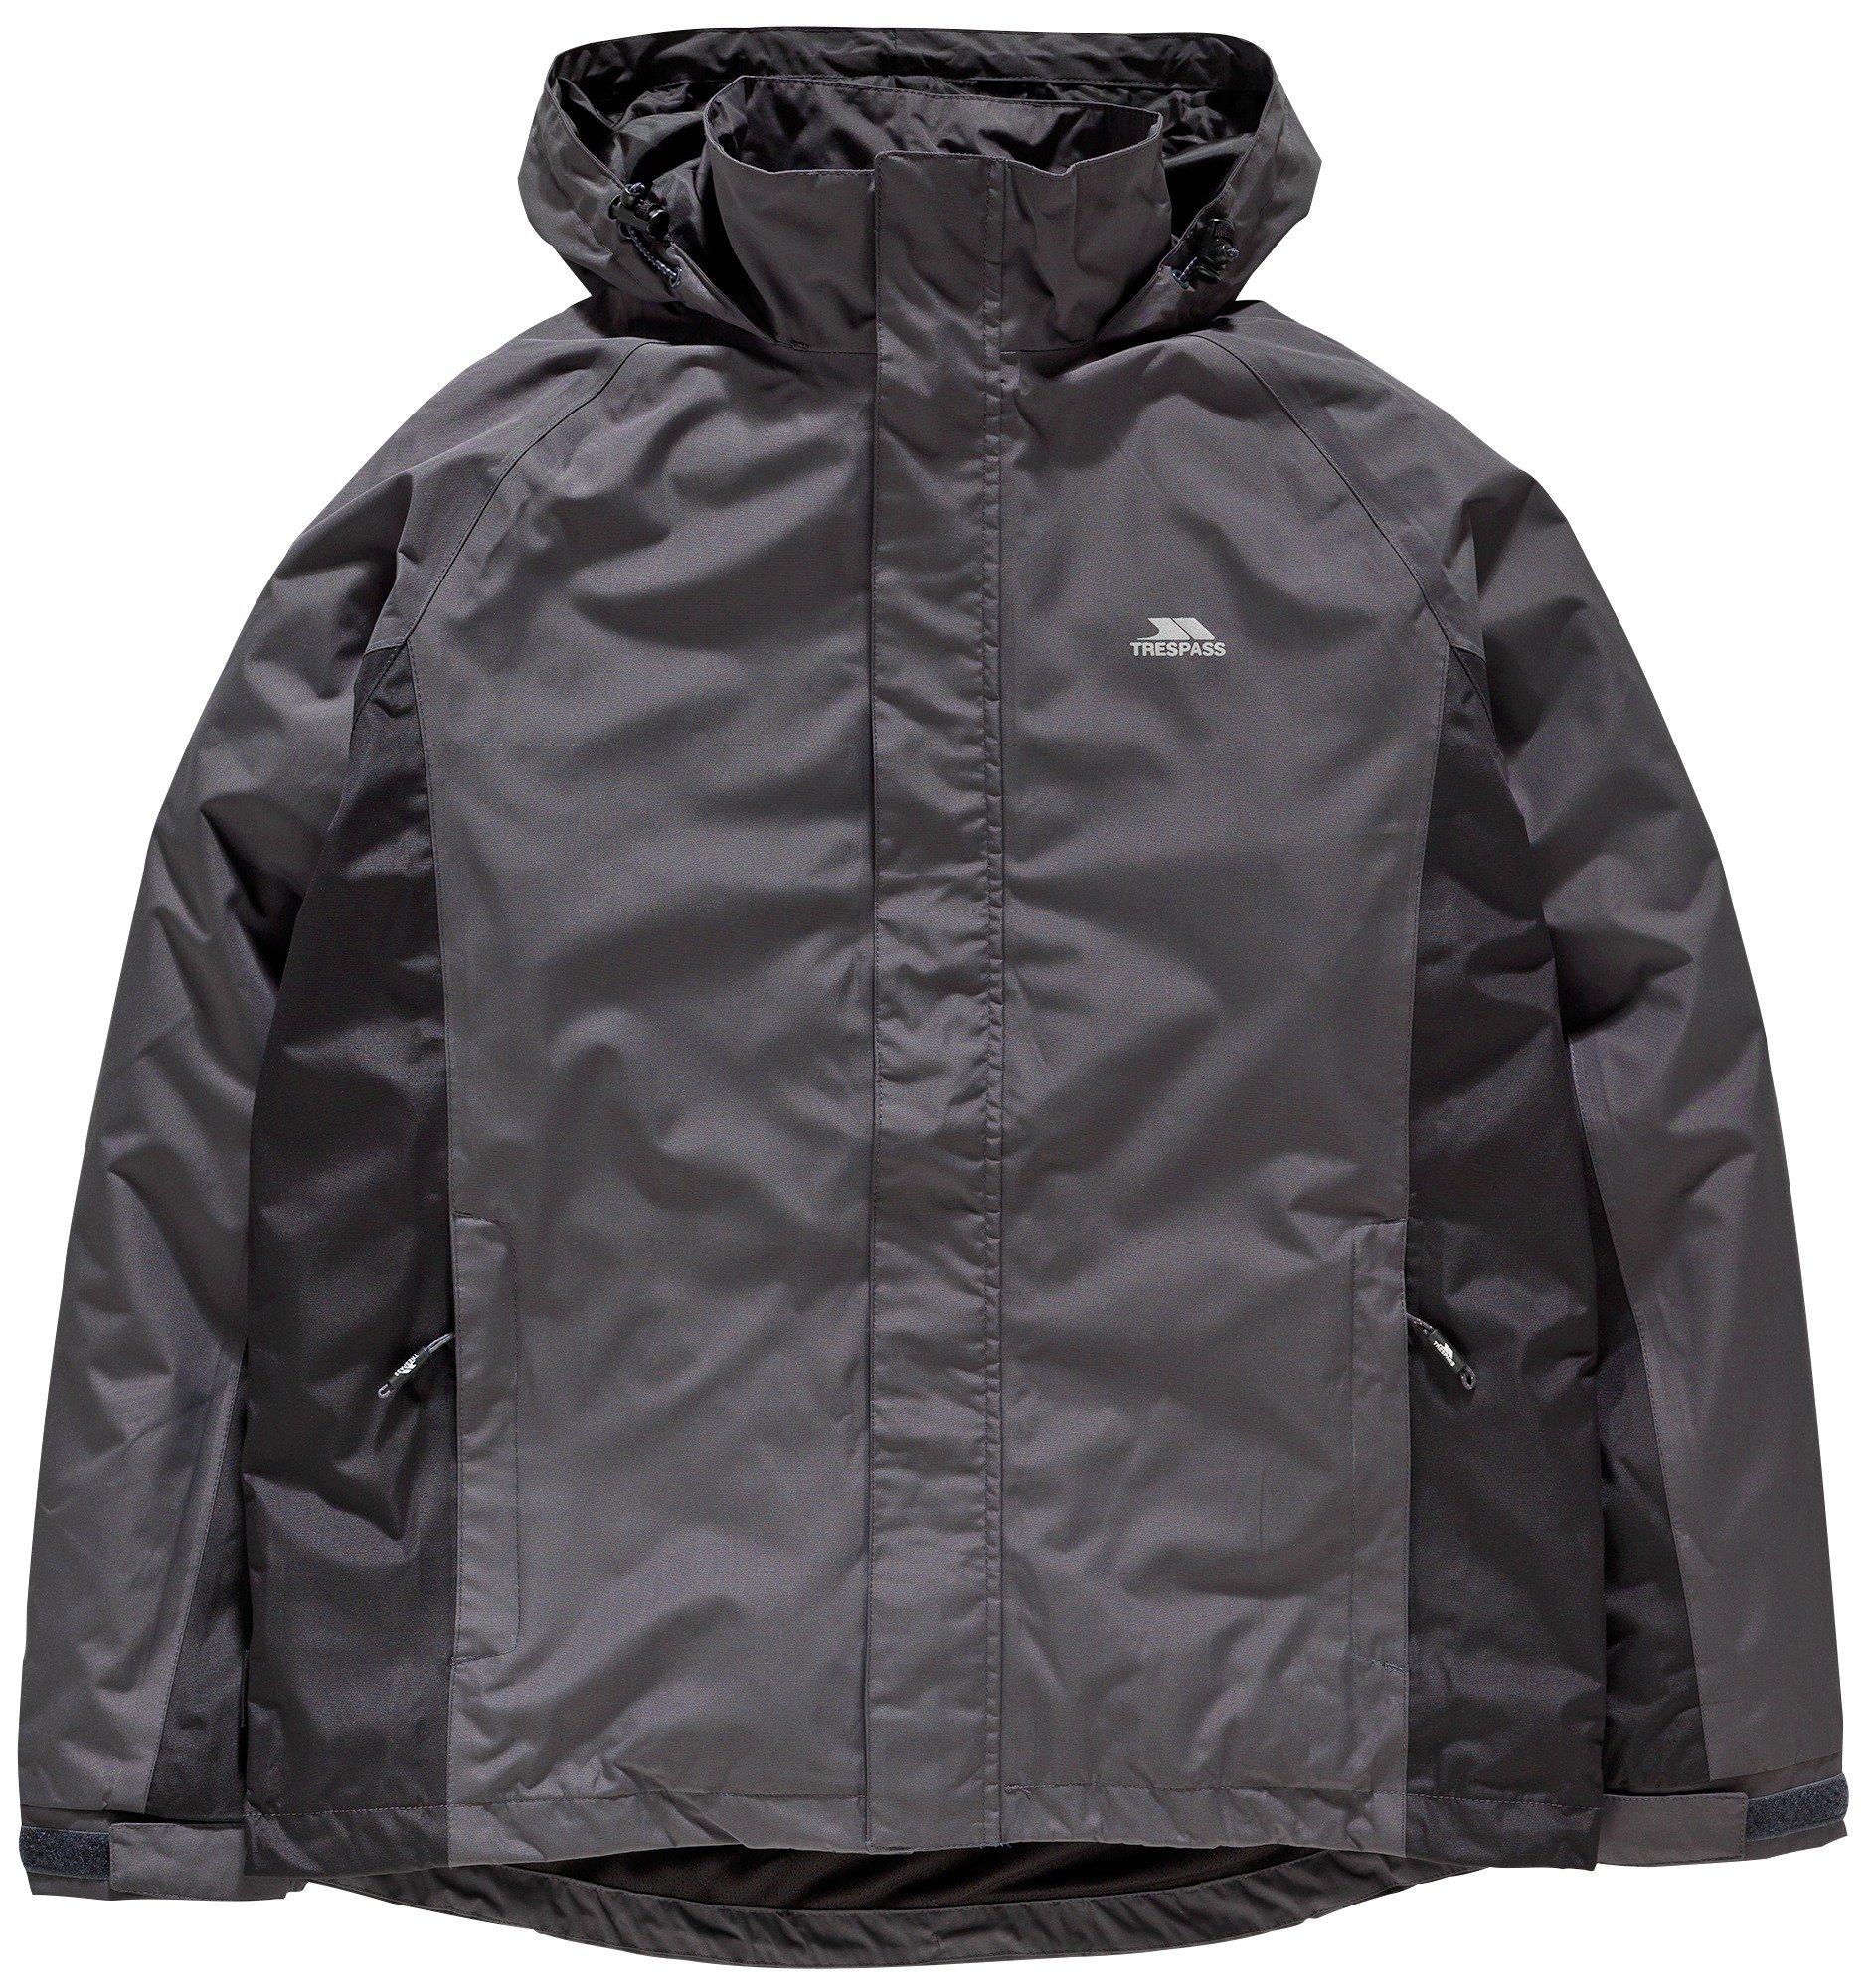 Image of Trespass Grey Rogan II Jacket - Extra Large